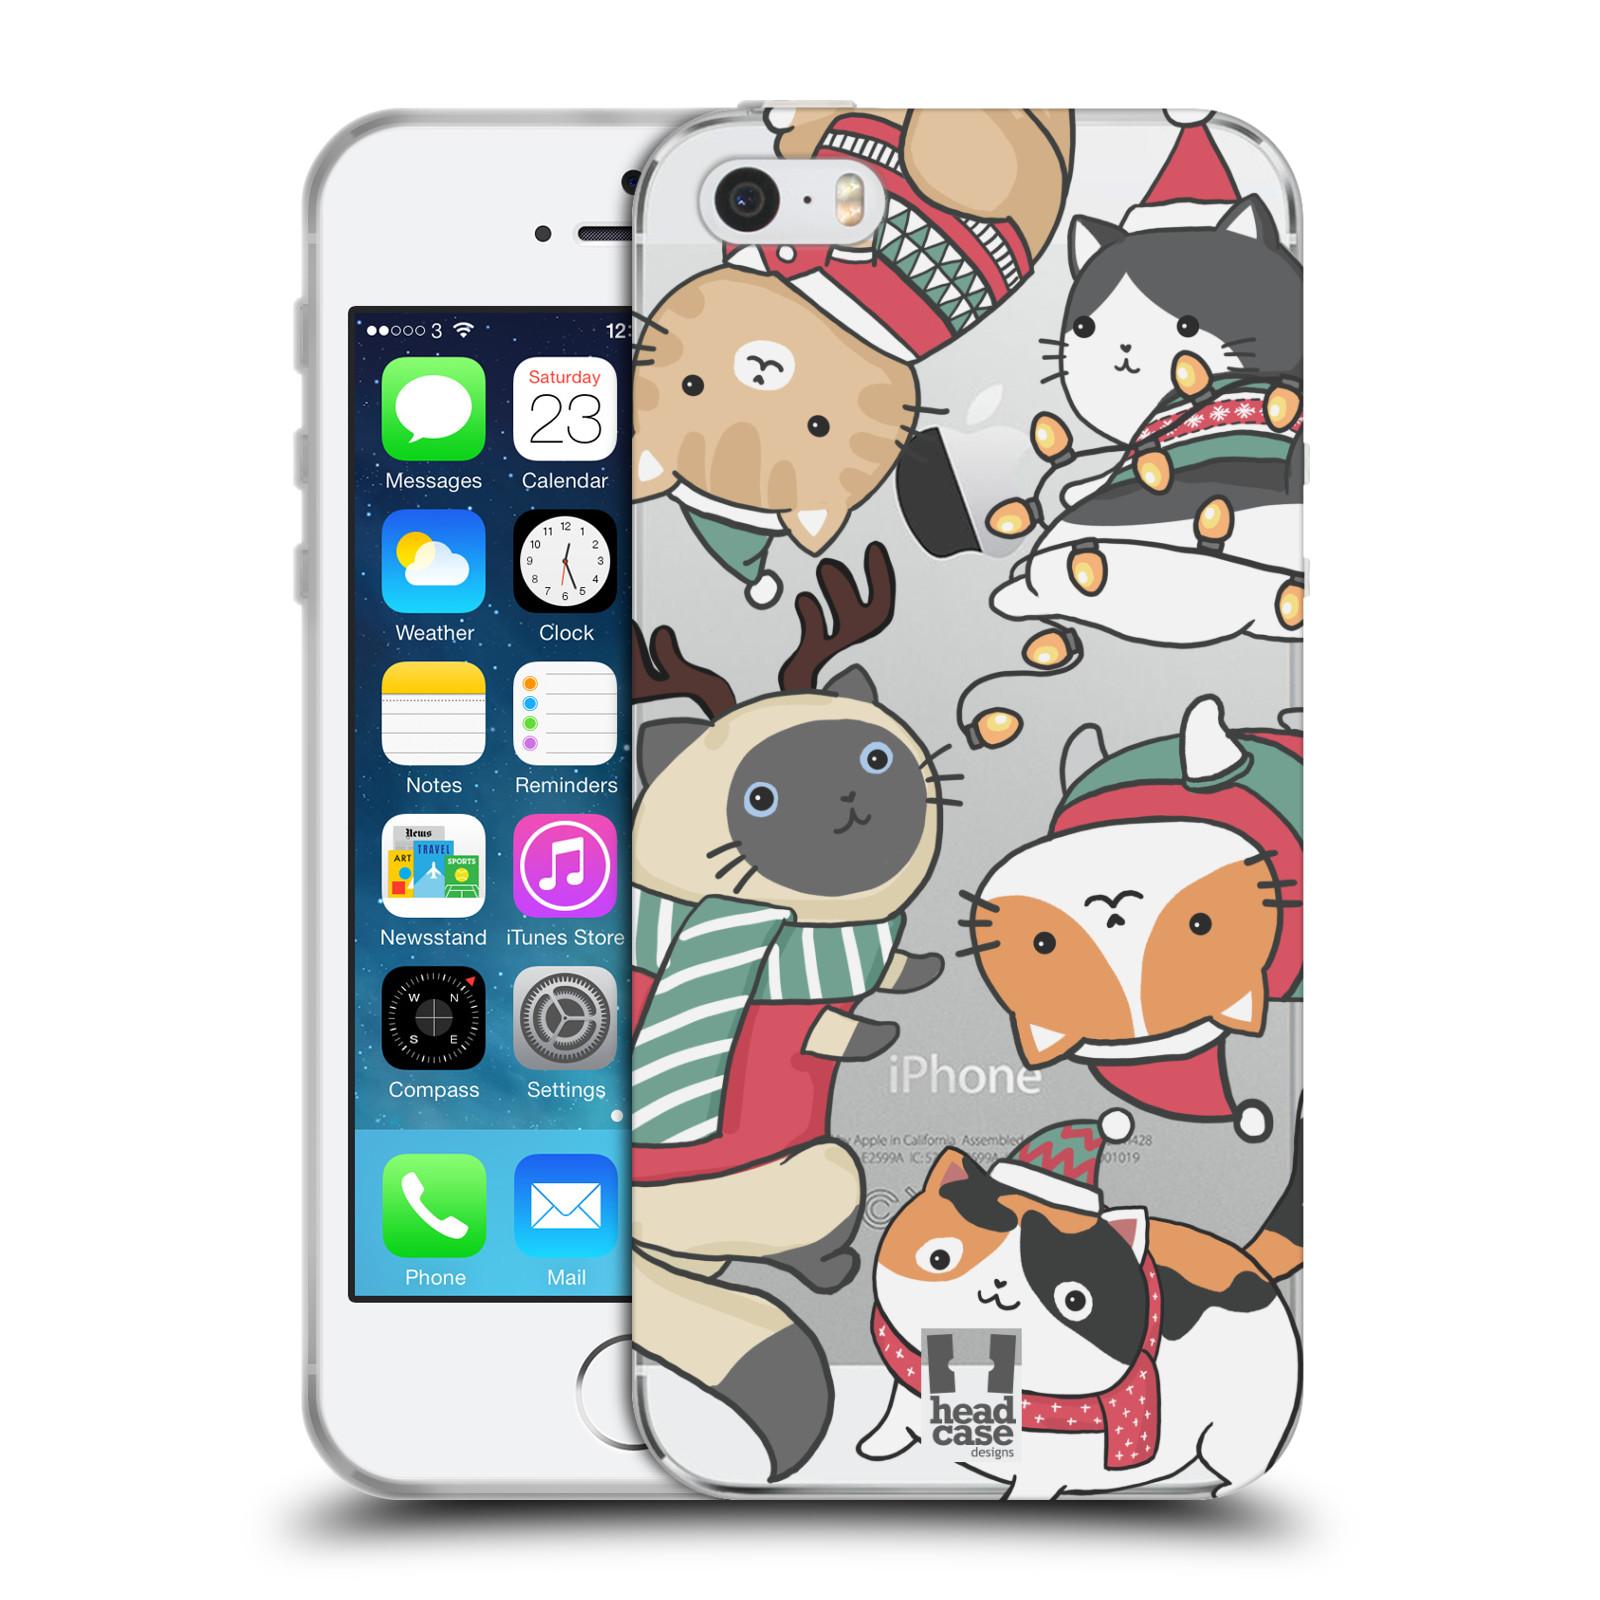 Silikonové pouzdro na mobil Apple iPhone 5, 5S, SE - Head Case - Vánoční kočičky